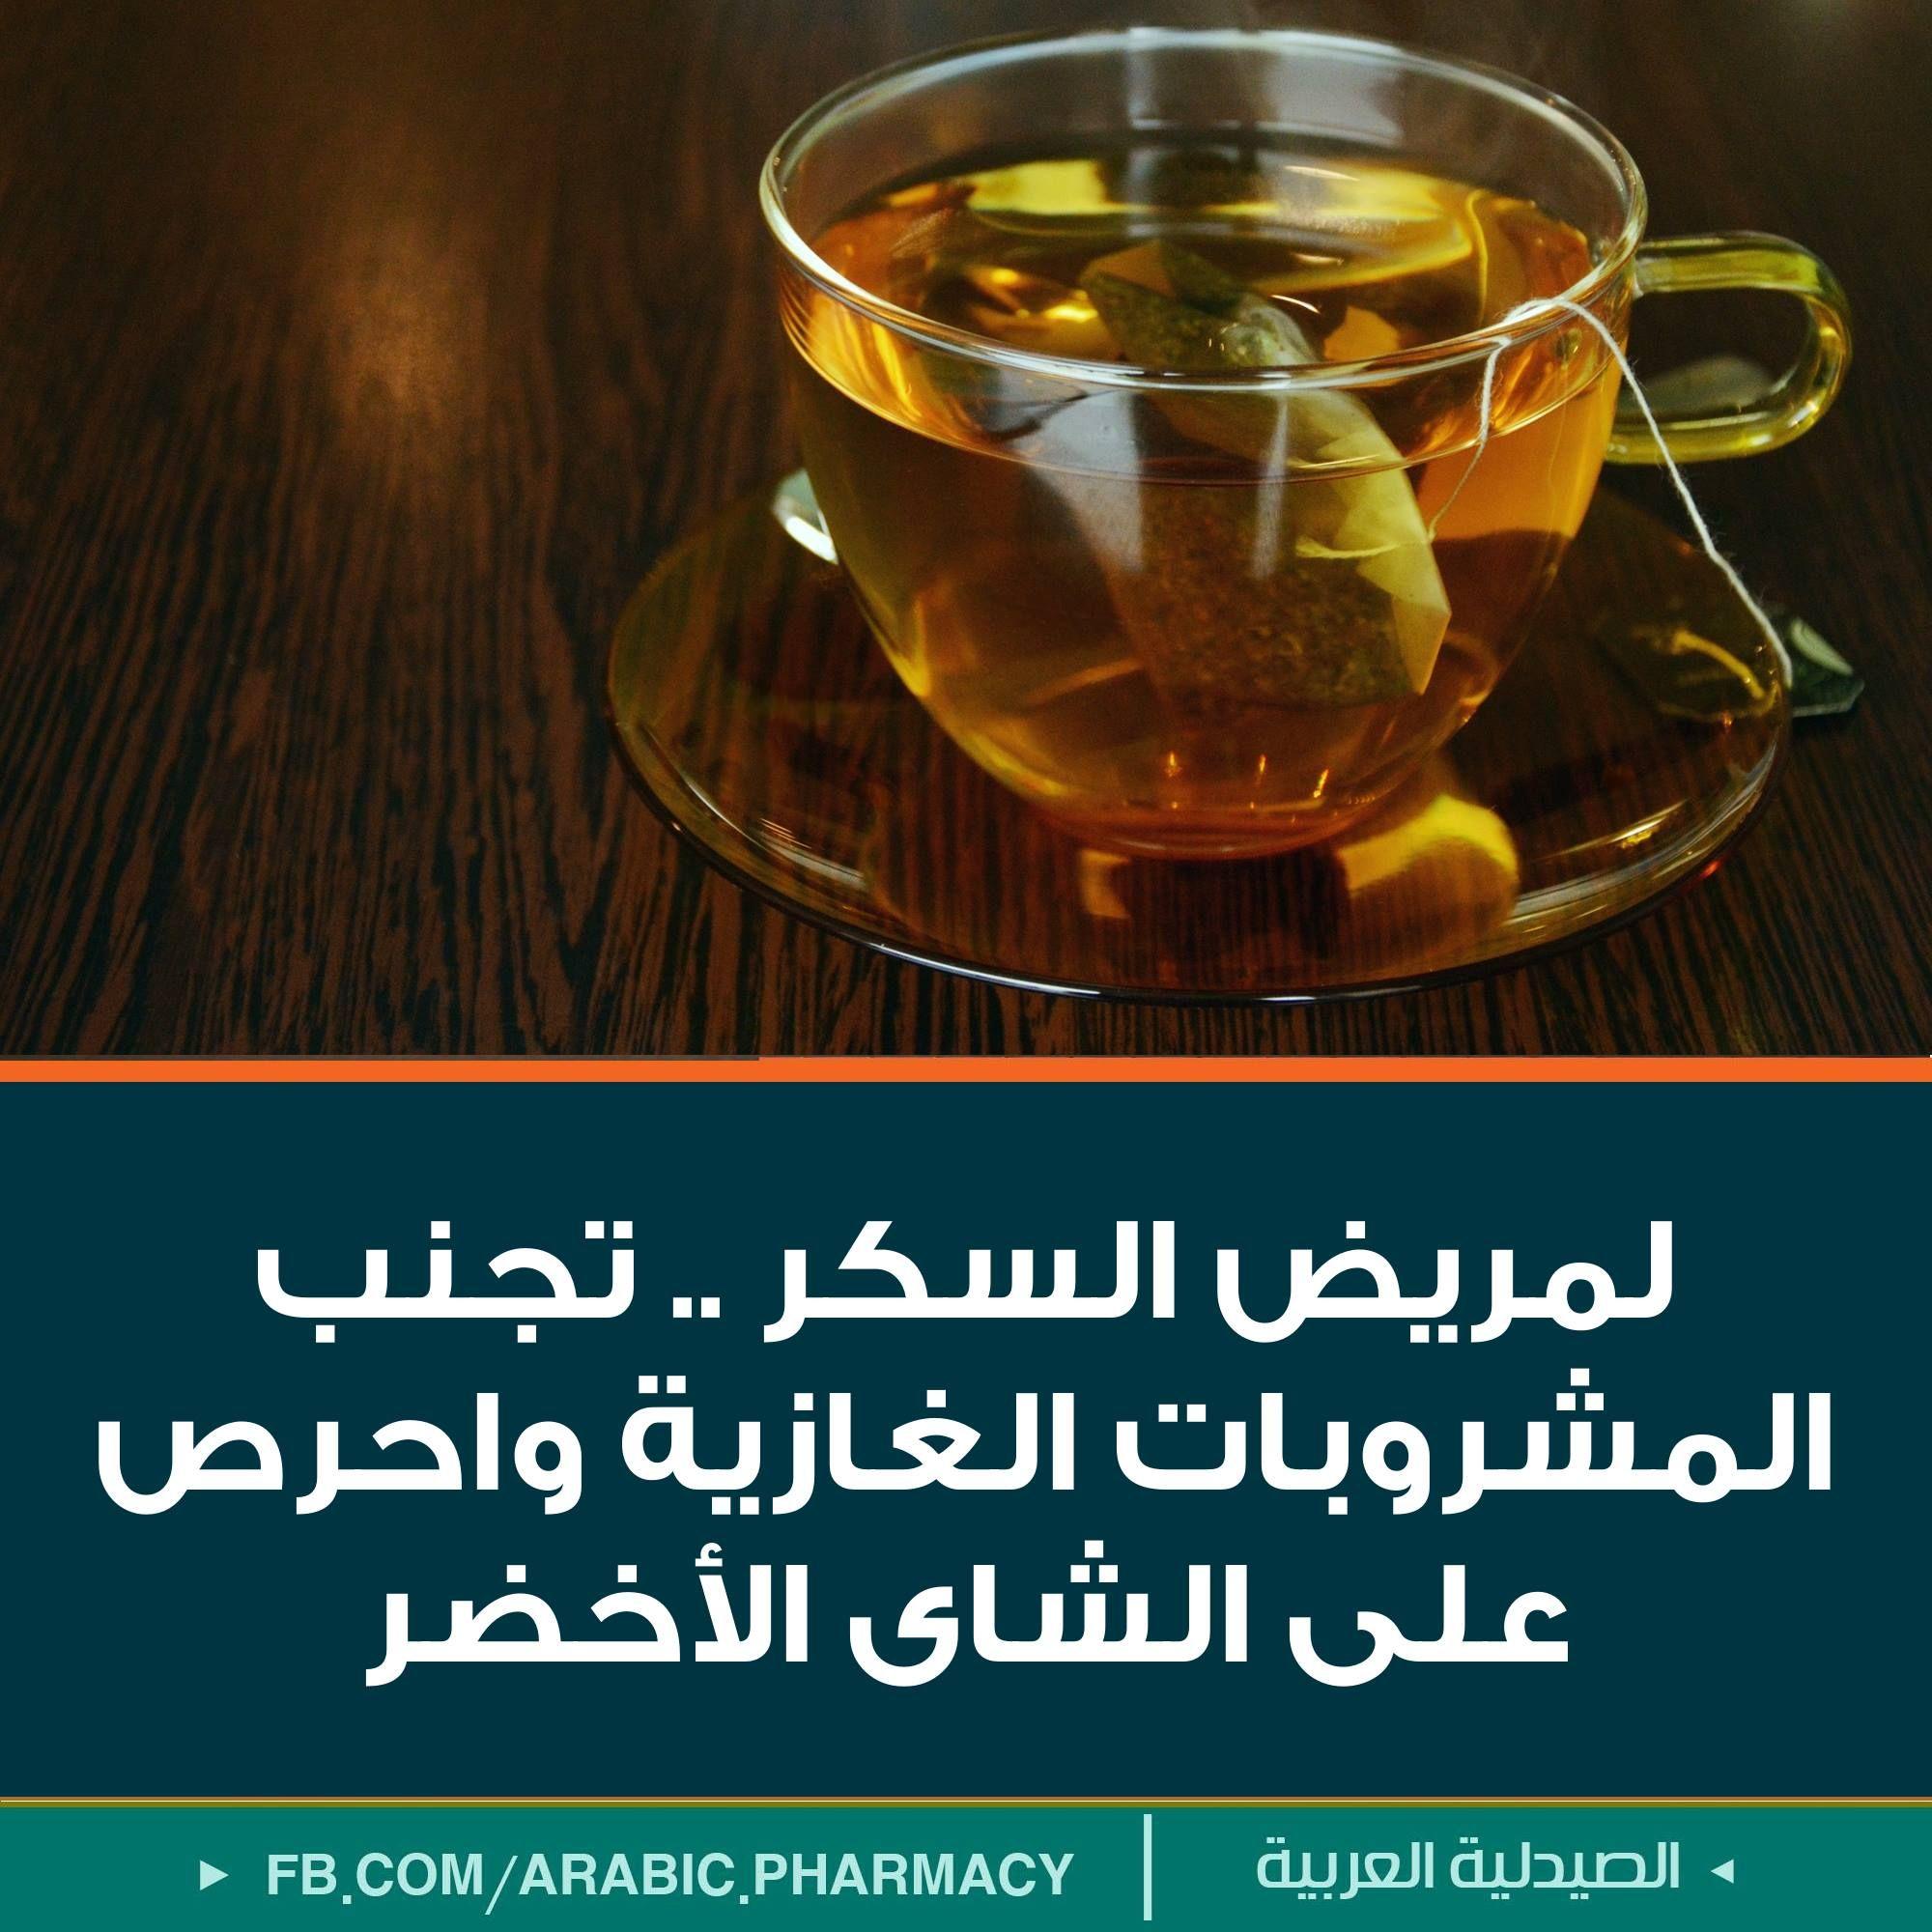 لمرضى السكري مرض السكر أضرار المشروبات الغازية و فوائد الشاي الأخضر الصيدلية العربية Http Www Qu Medical Com Pharmacy Pharmacy Glassware Tableware